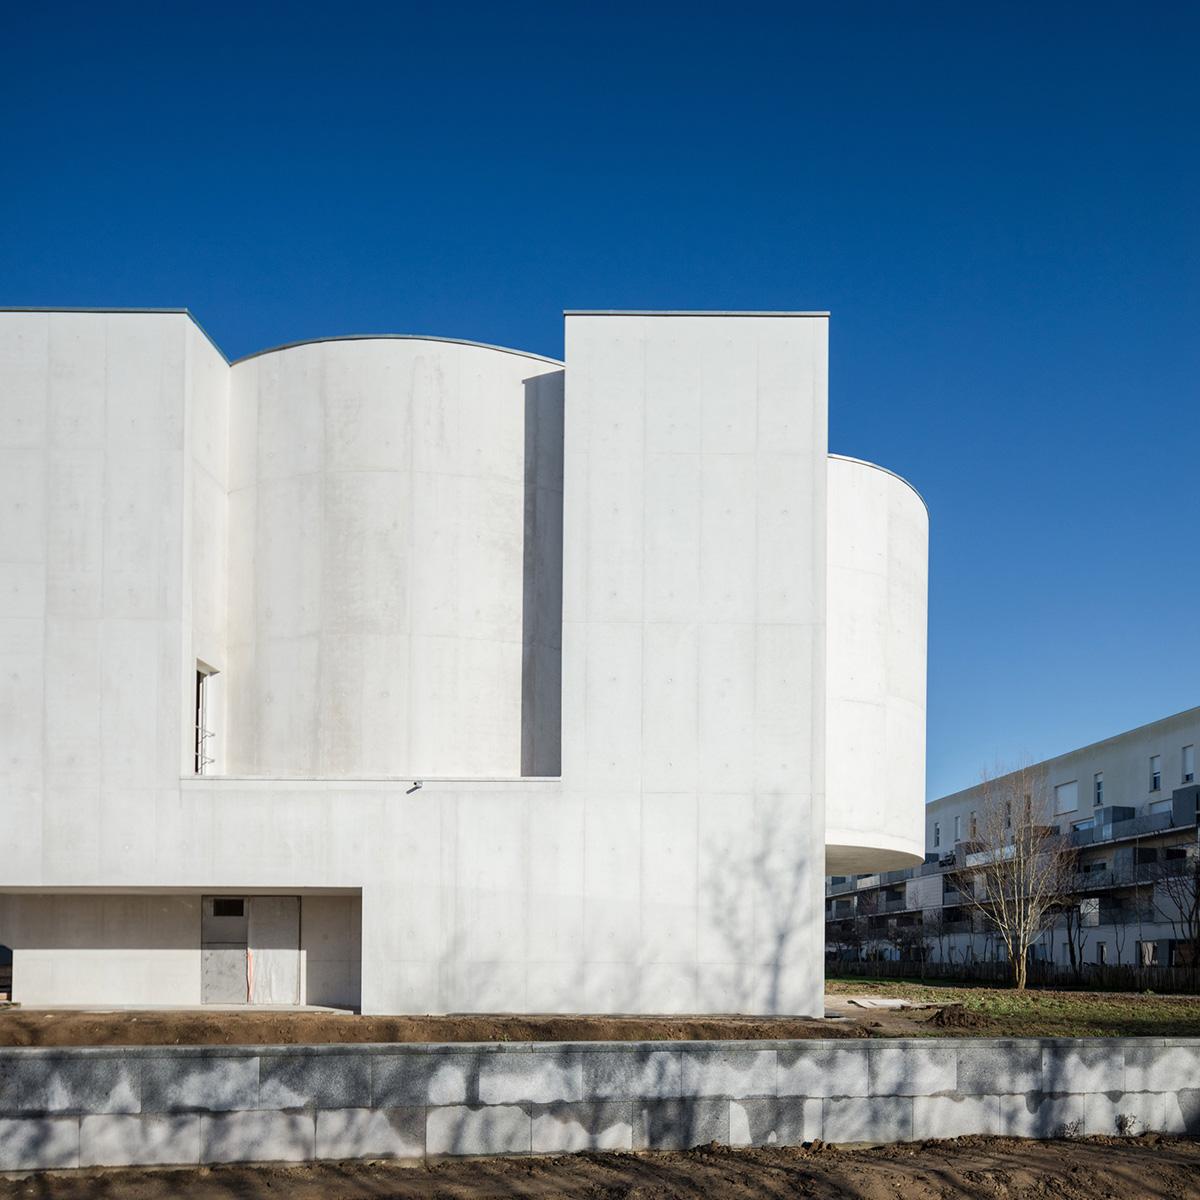 06-iglesia-saint-jacques-la-lande-alvaro-siza-vieira-foto-joao-morgado